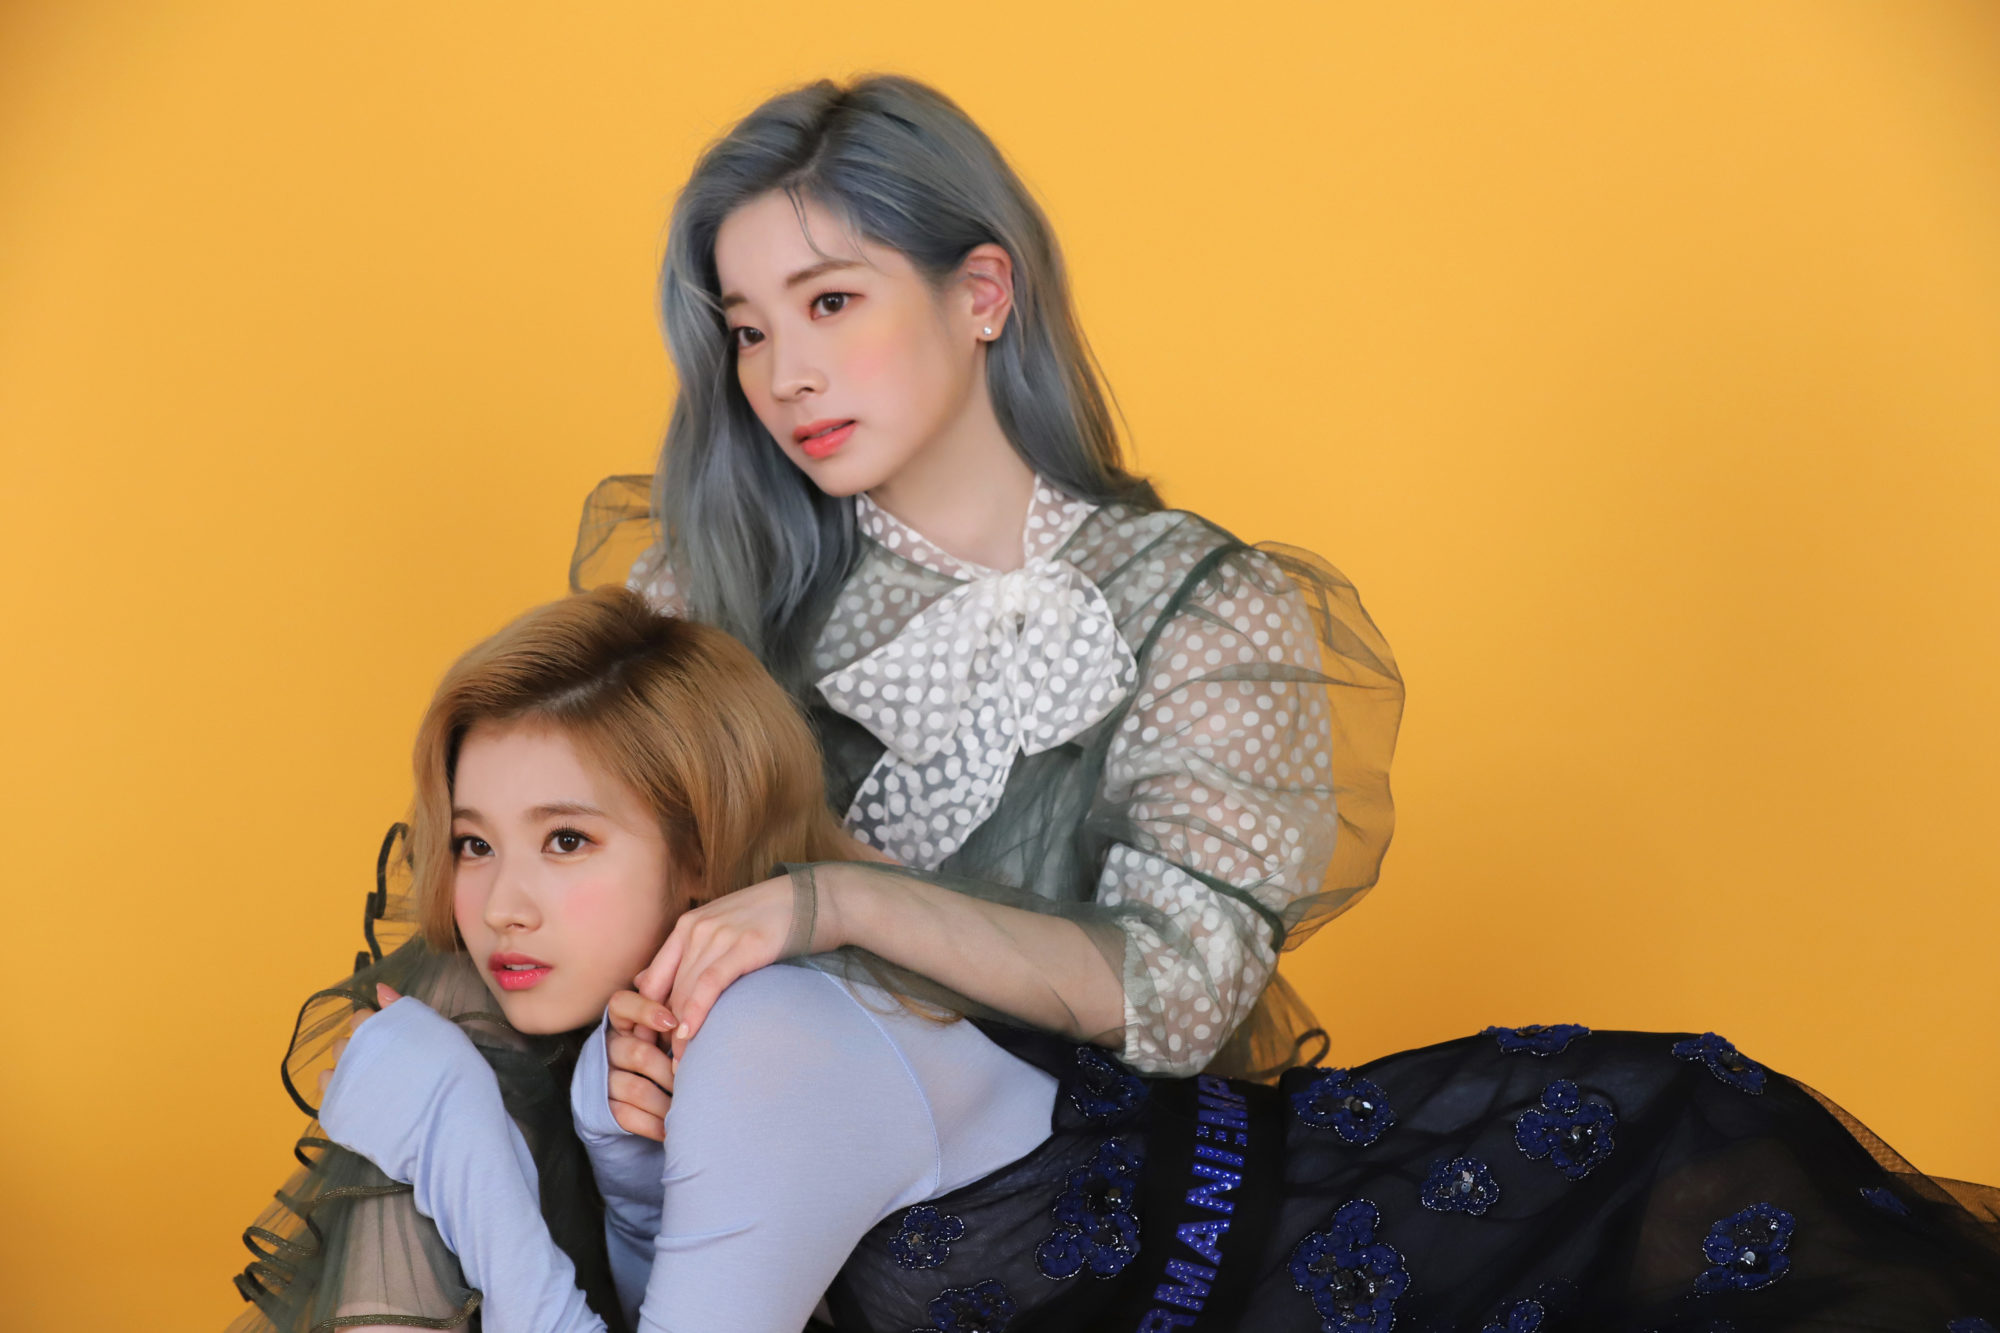 Twice Allure Sana Dahyun 2019 HD